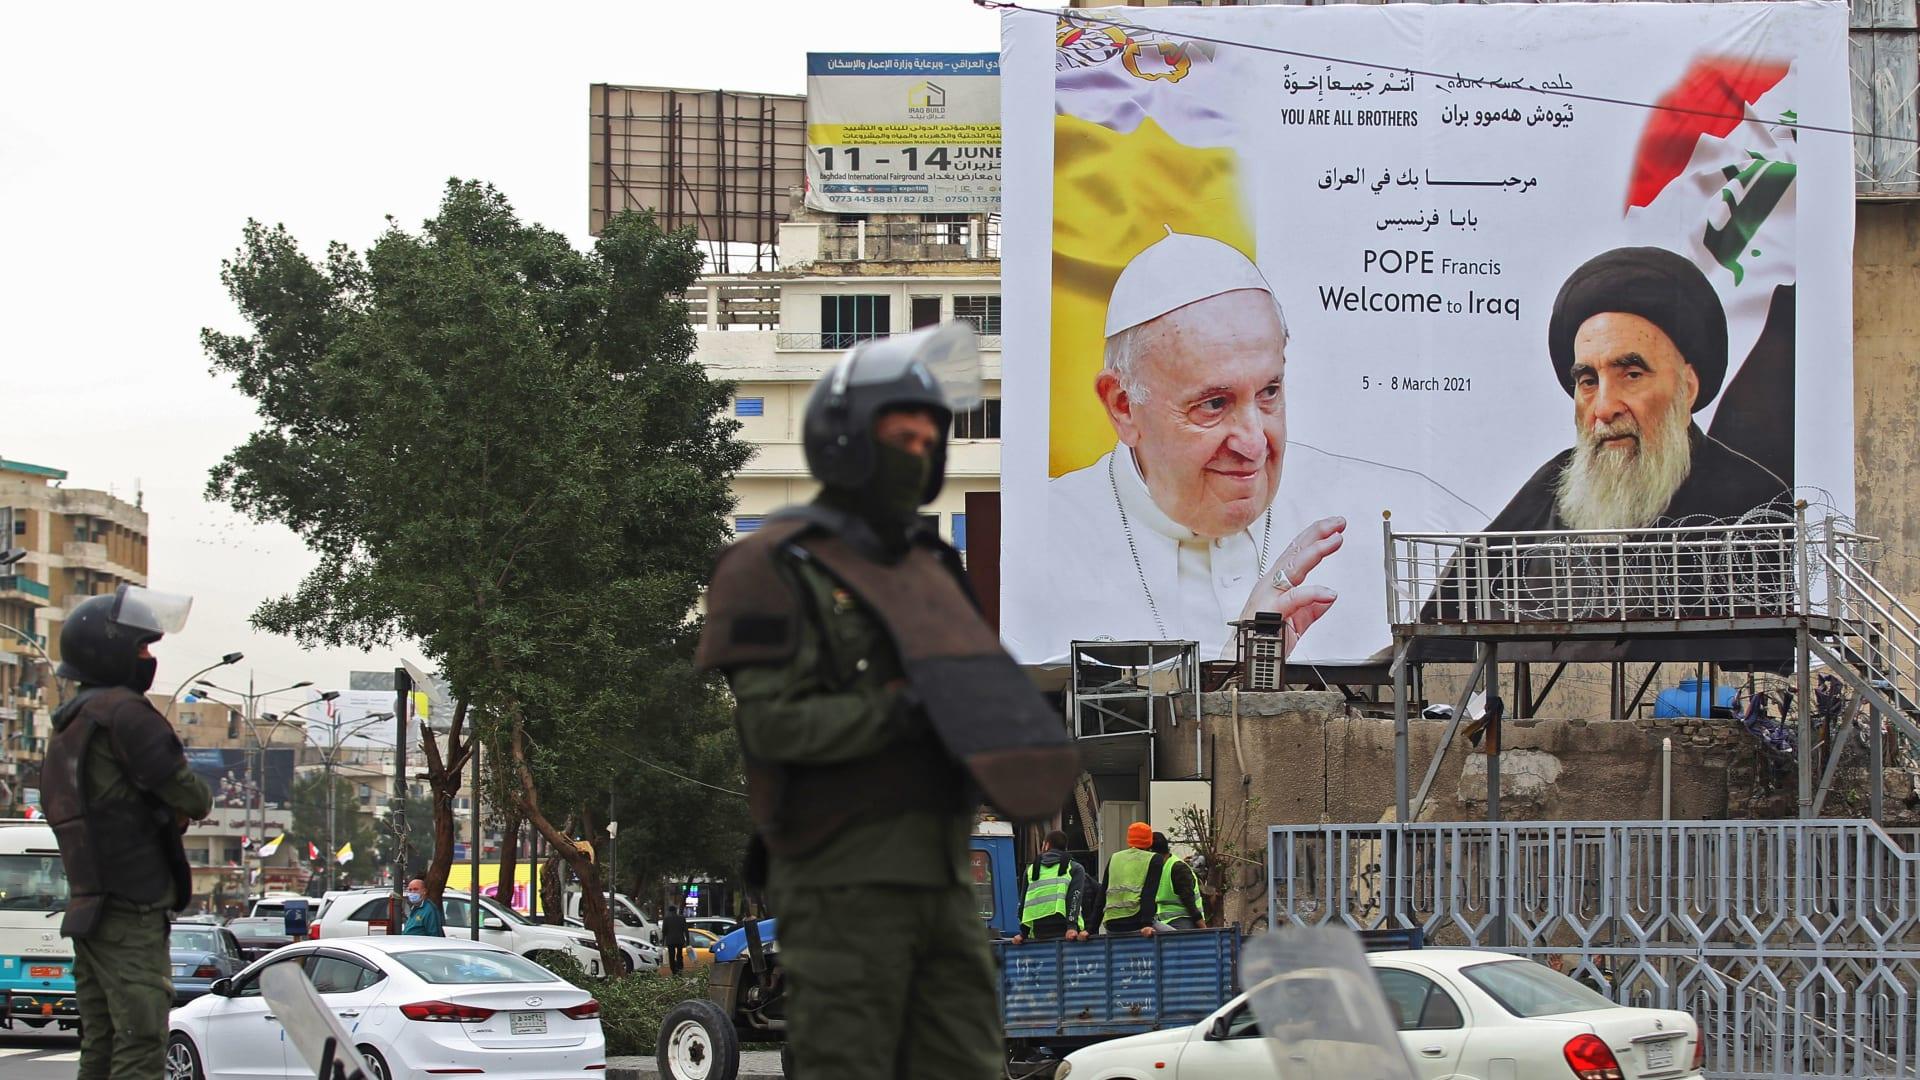 رئيس وزراء العراق يعلن 6 مارس يومًا وطنيًا للتسامح والتعايش بعد لقاء البابا والسيستاني